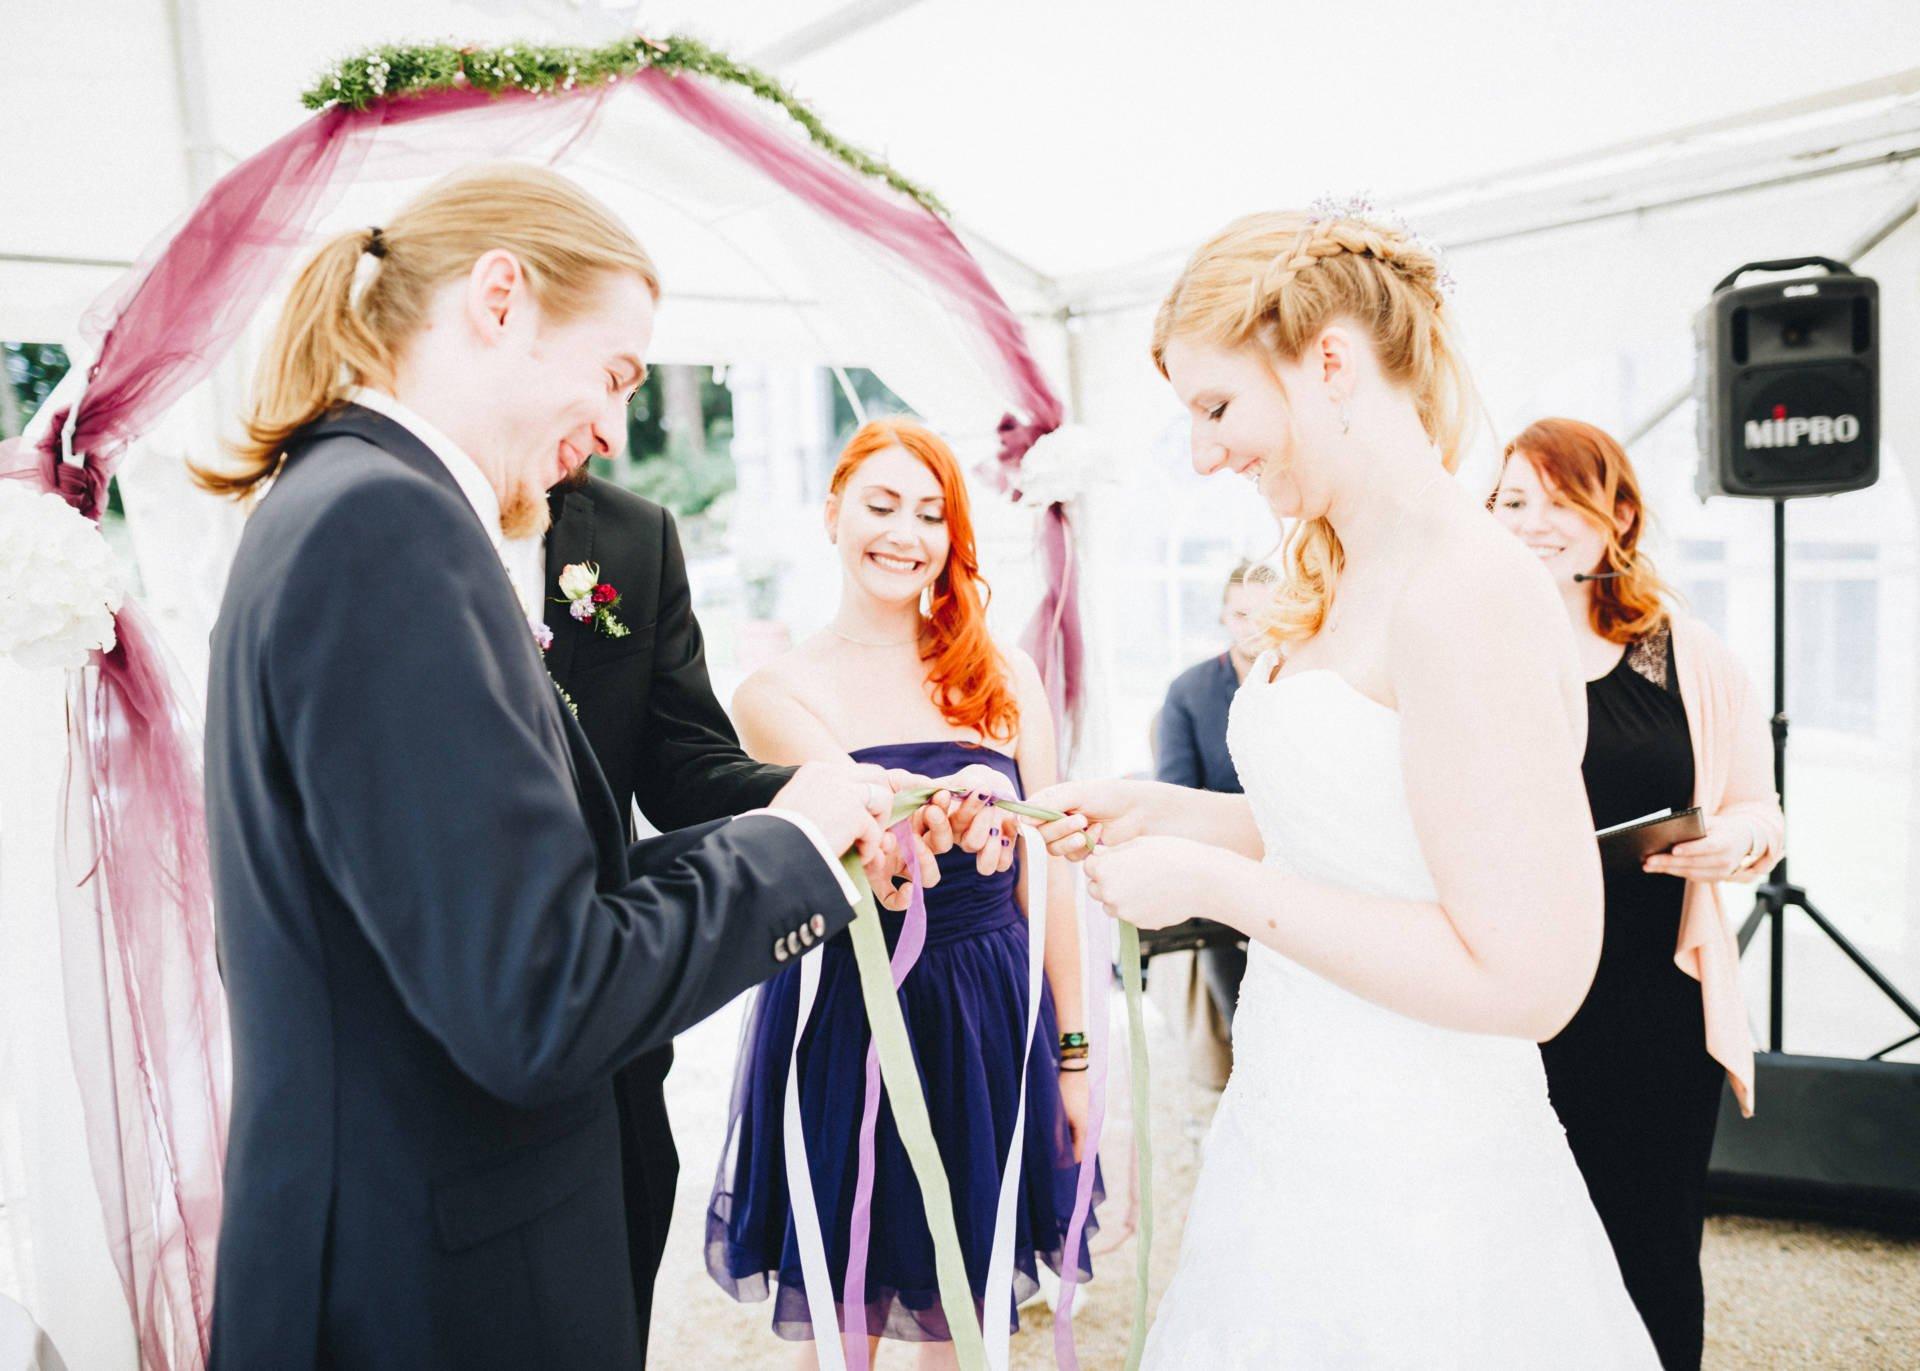 50mmfreunde Hochzeit Poesneck VillaAltenburg 16 - Freie Trauung in der Villa Altenburg